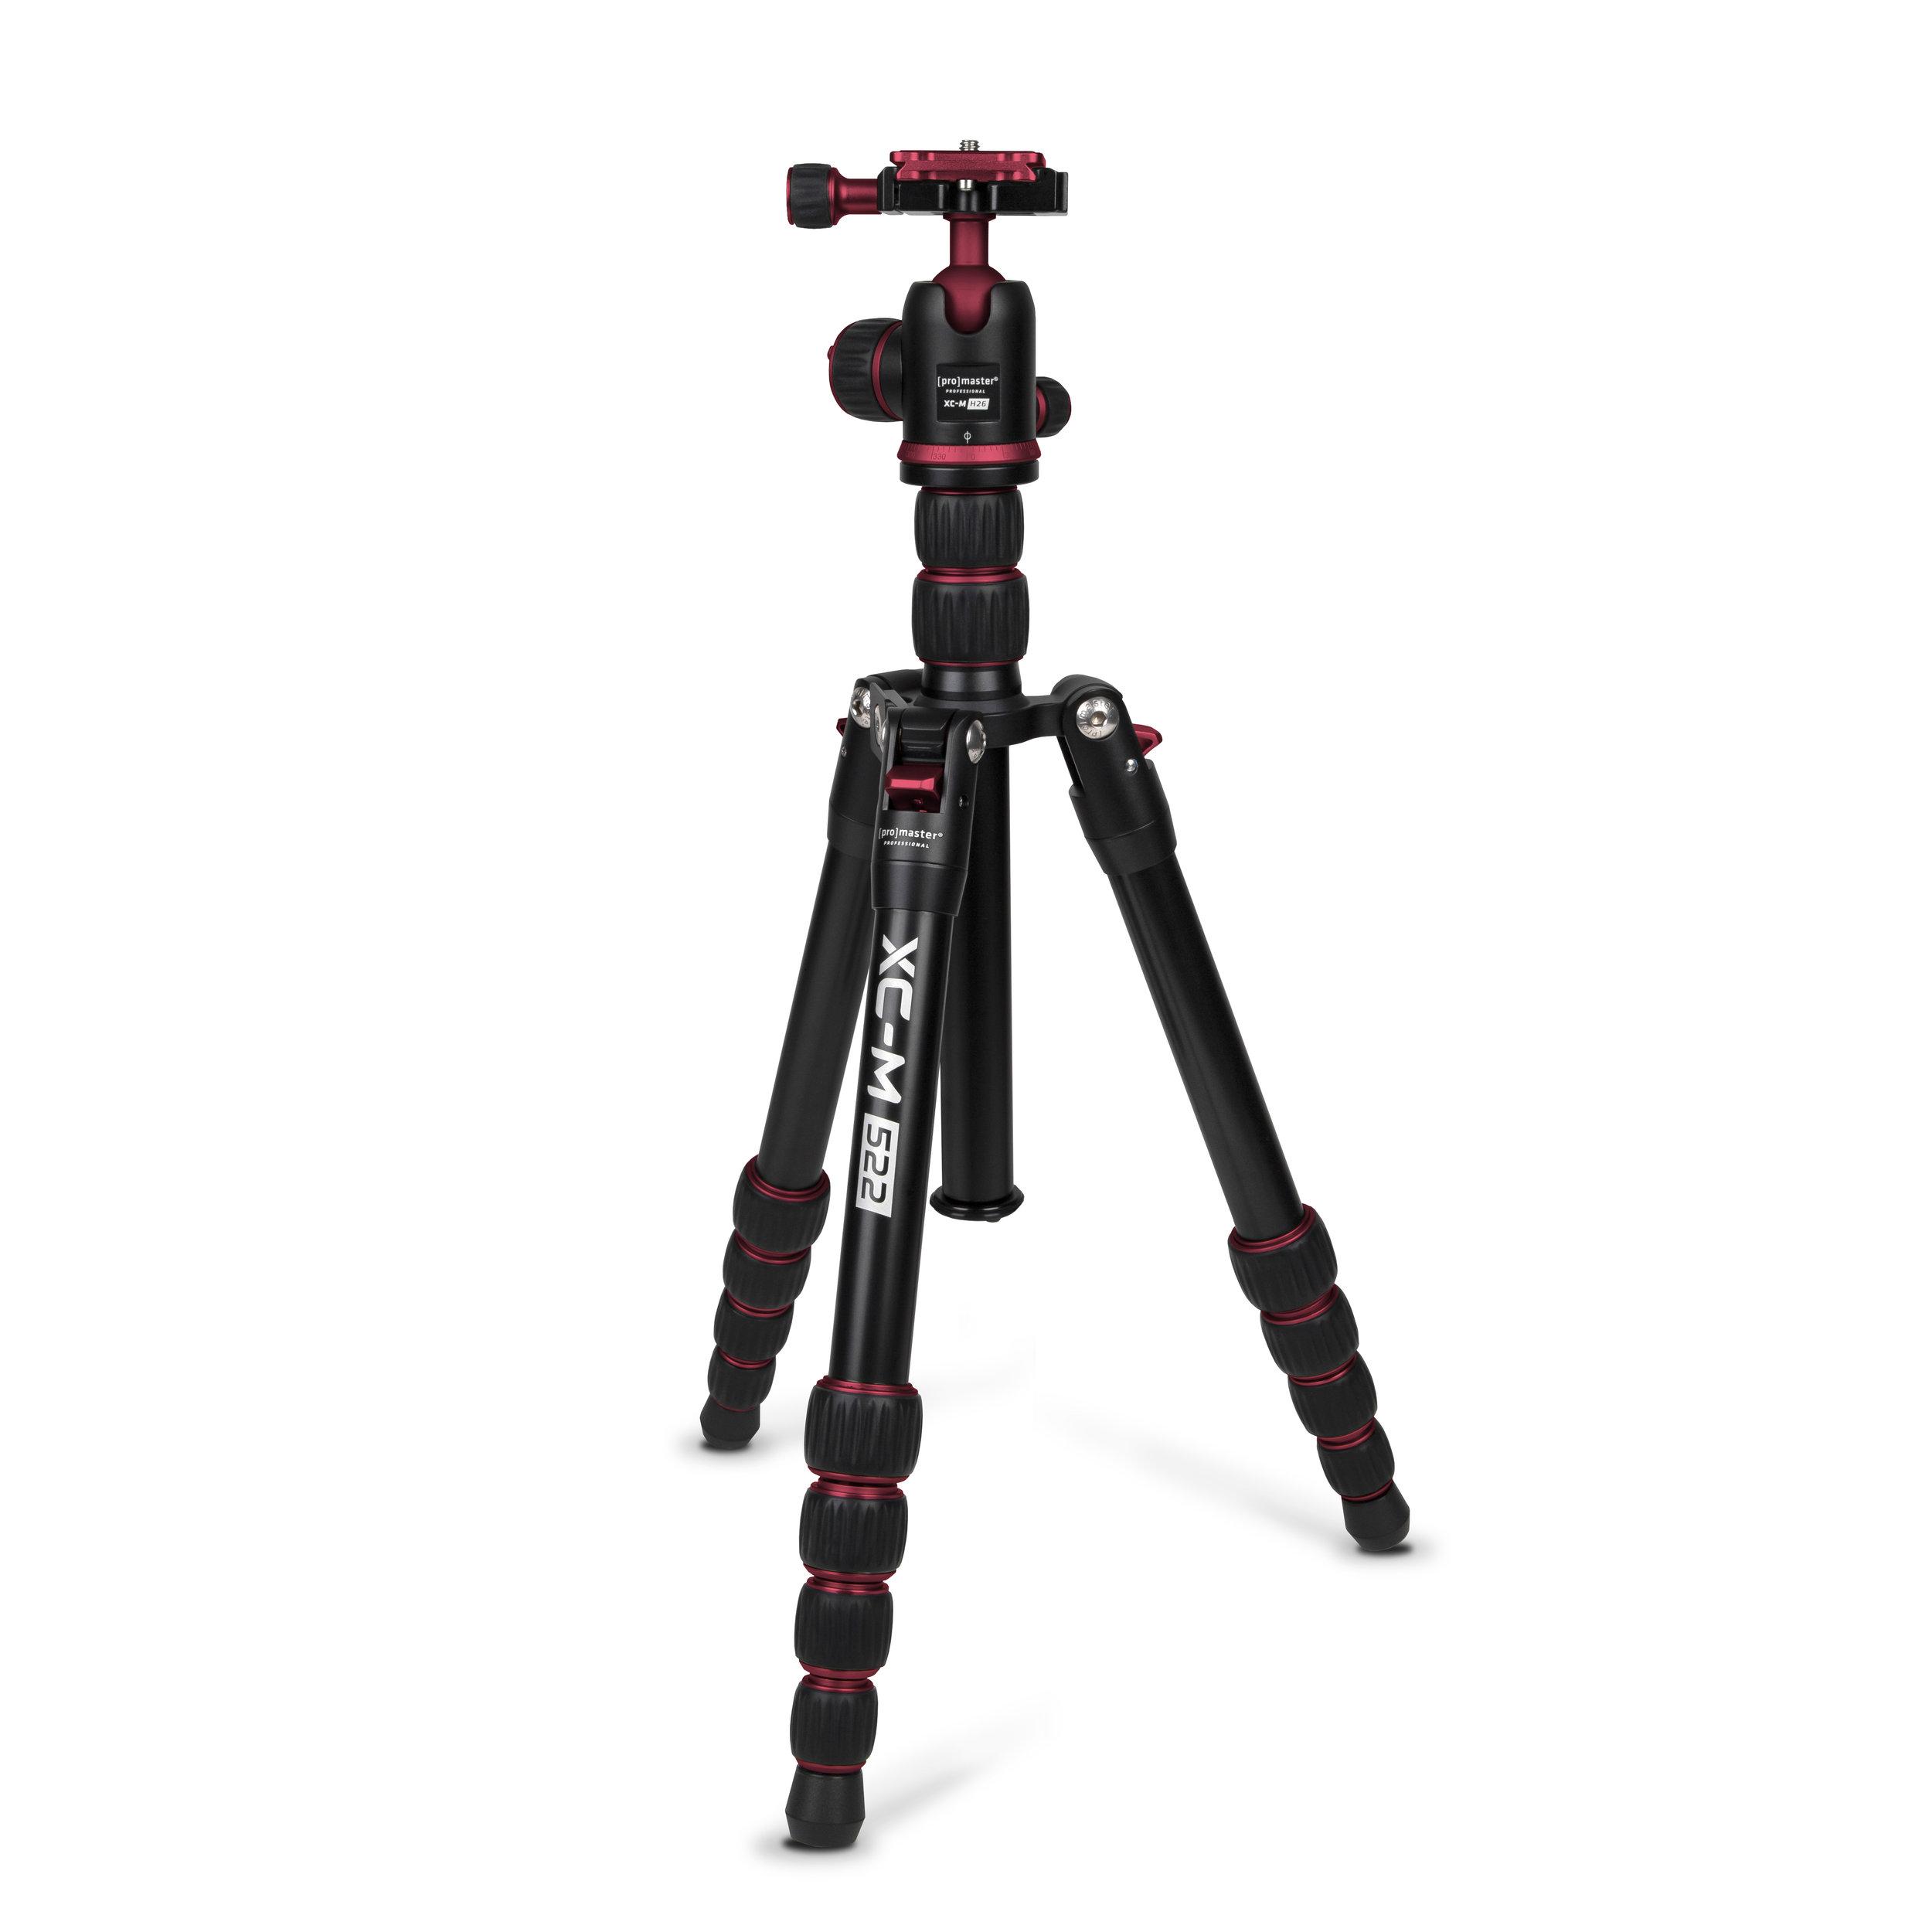 XC-M 522 ALUMINUM - RED   $159.95